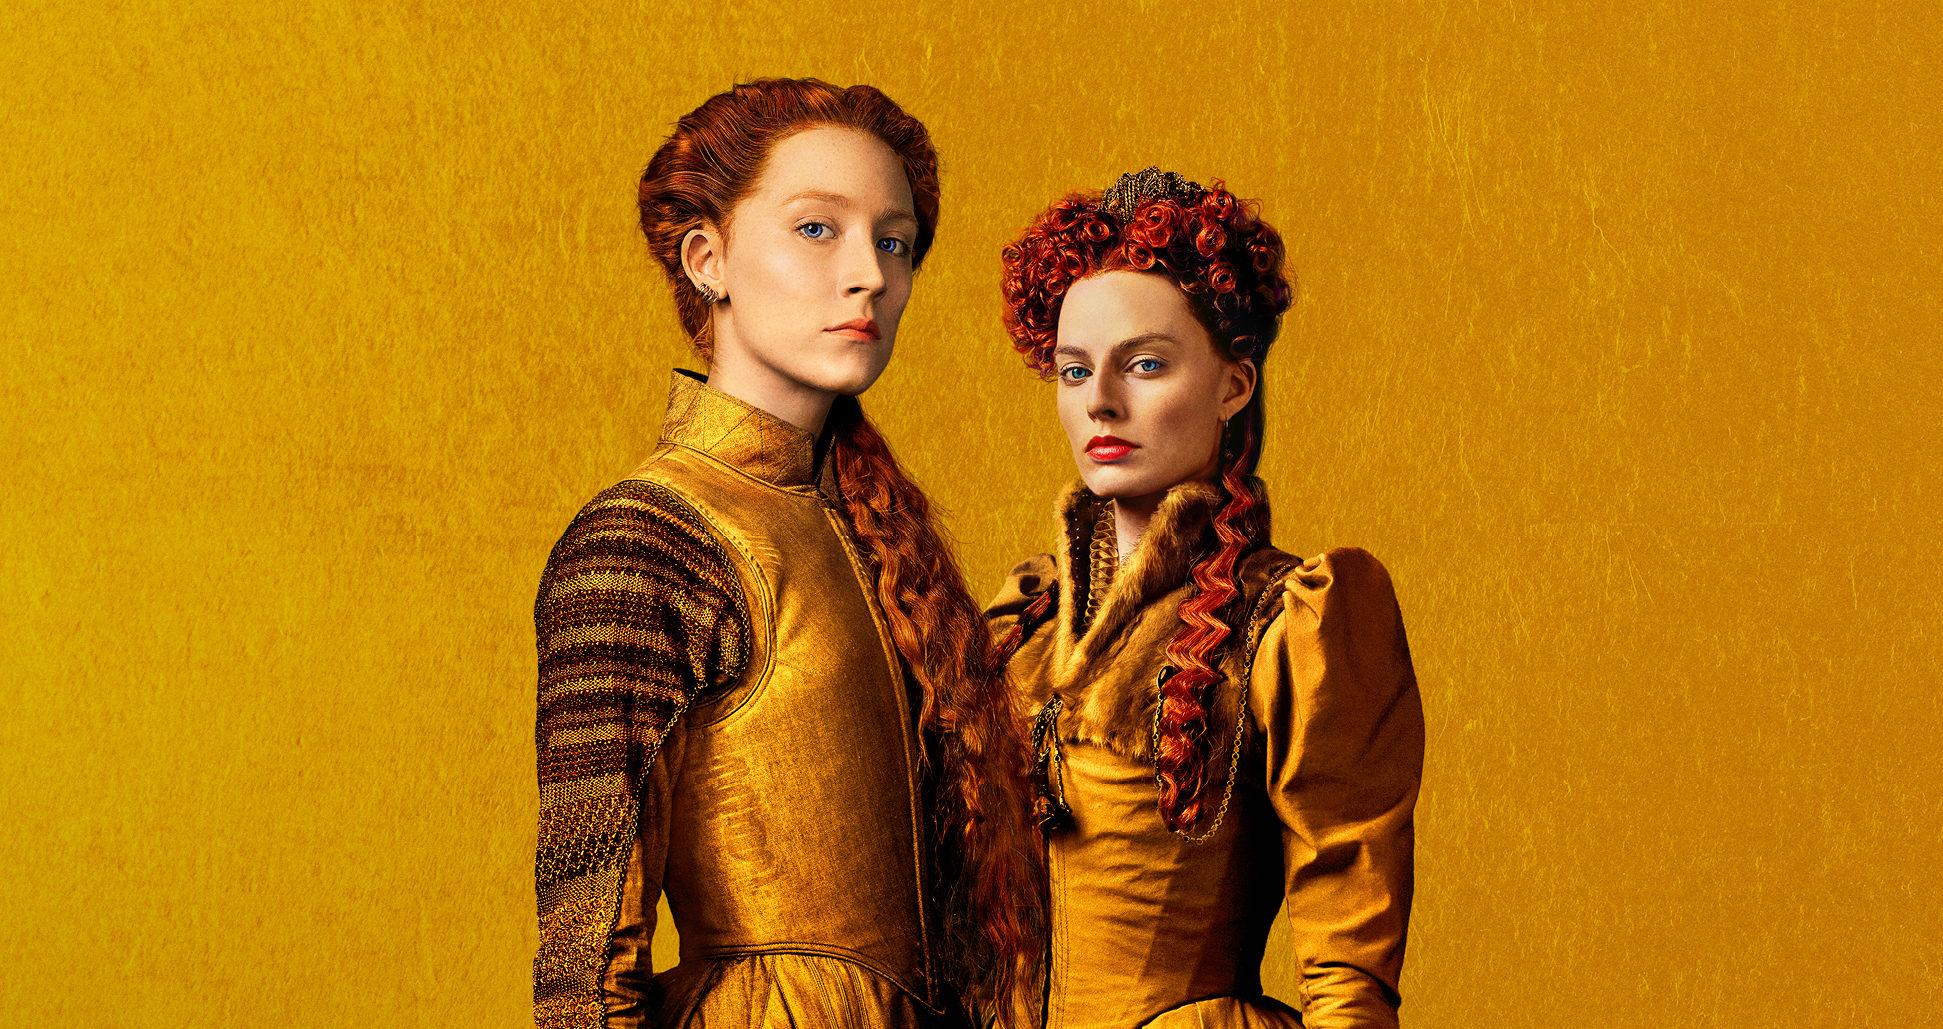 Las dos reinas (2019)